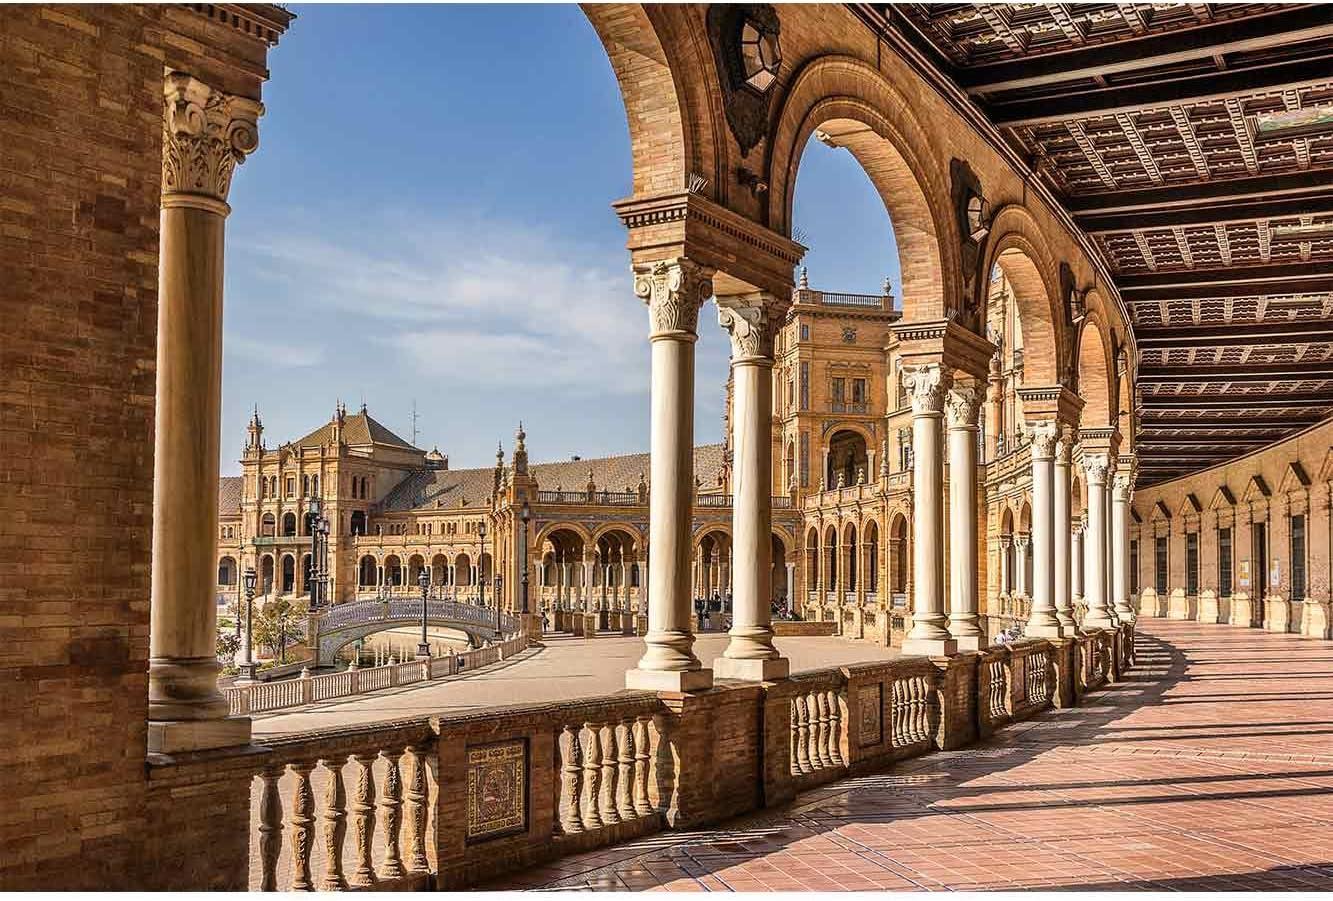 Oedim Cuadro Lienzo Impresión Digital Urbano Plaza España Sevilla | Multicolor | Cuadro Lienzo 150 x 60 cm | Lienzo Enmarcado Ligero, Resistente y Económico: Amazon.es: Hogar